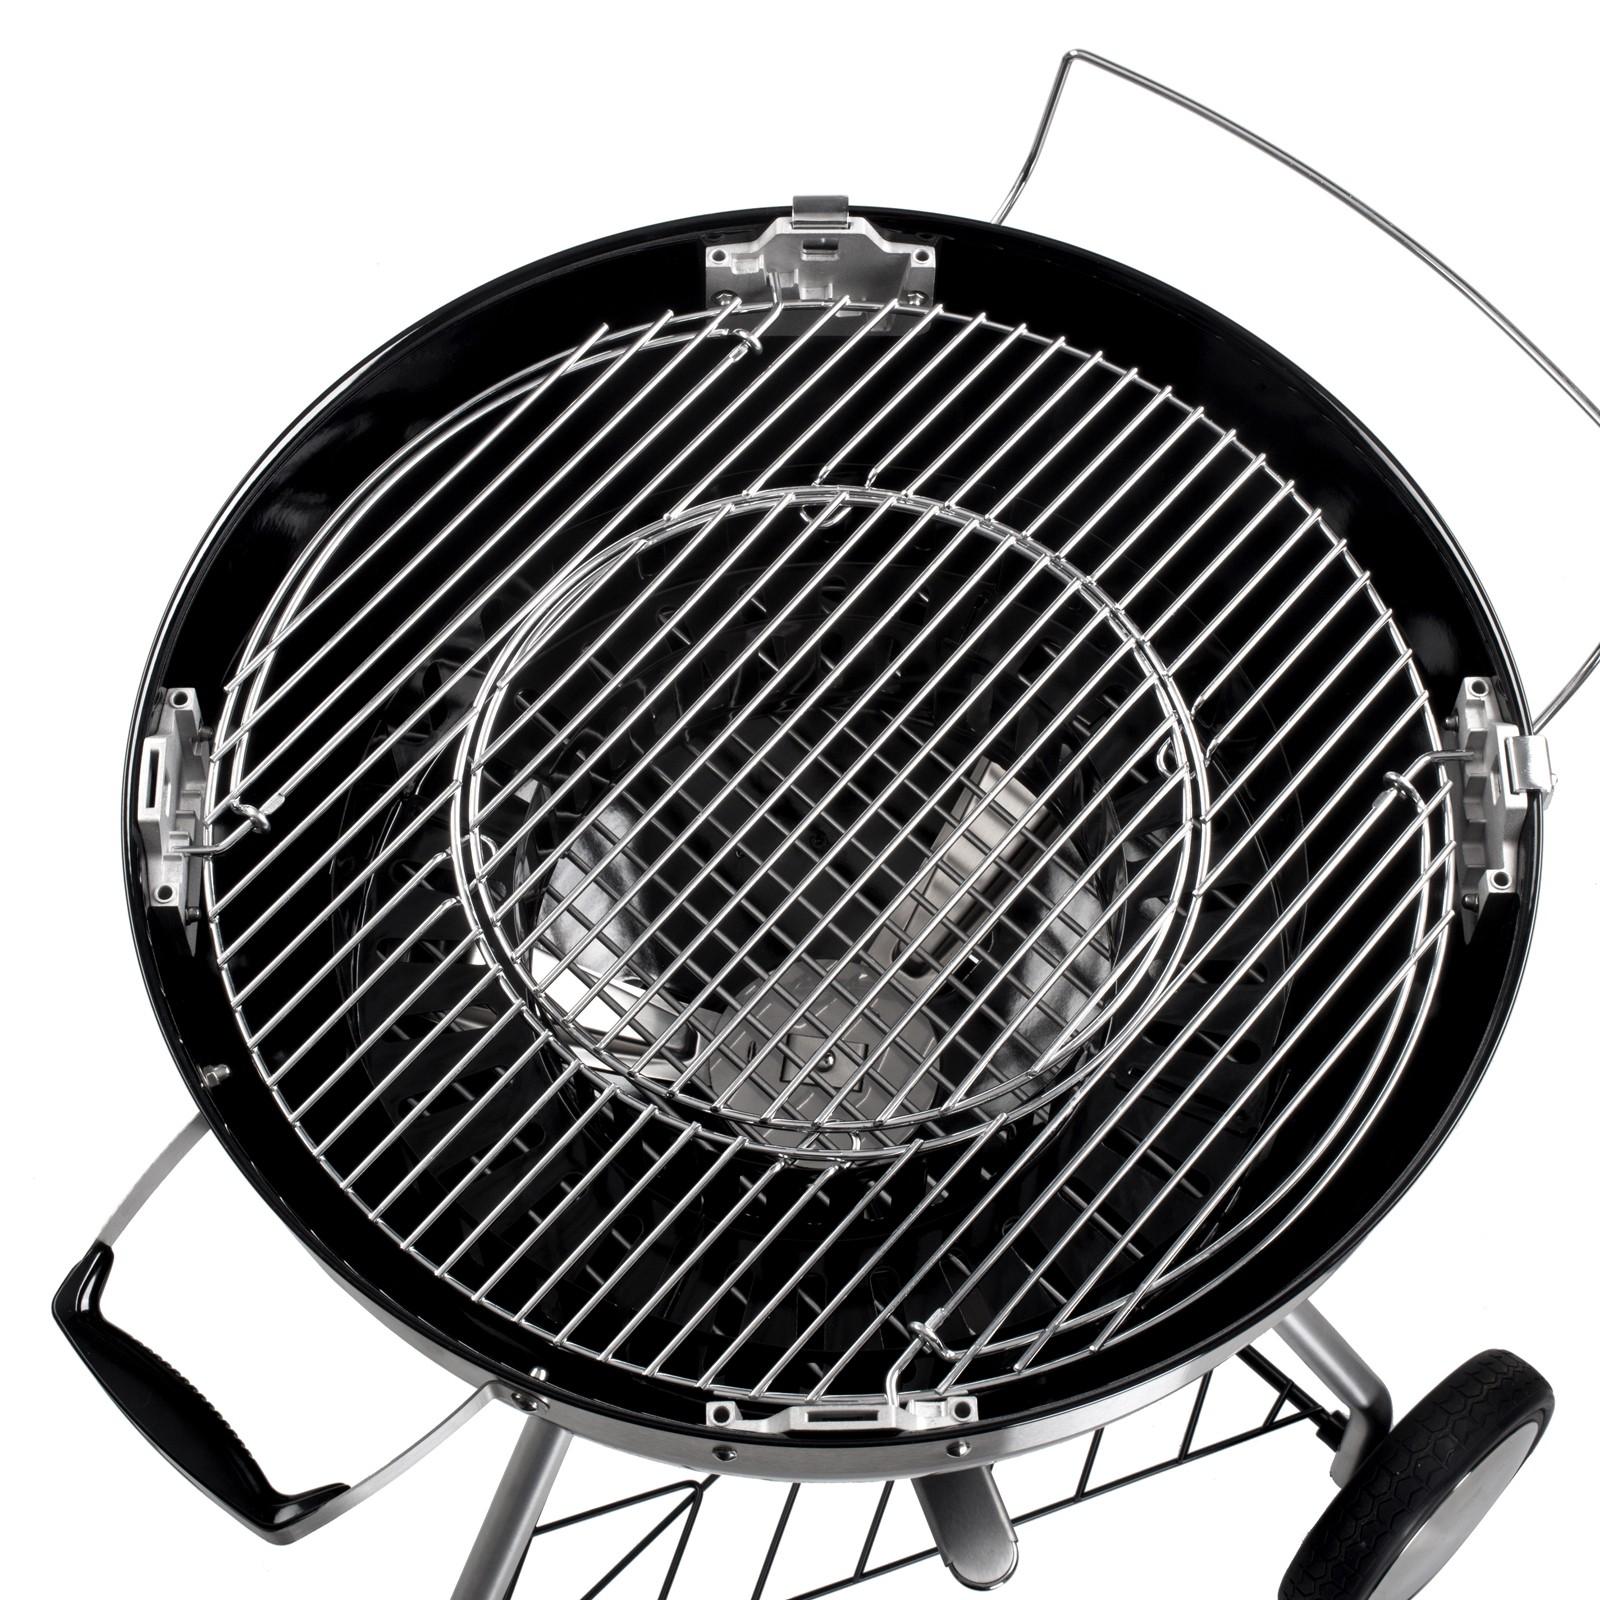 tepro grillrost hauptrost rund 53 5 cm. Black Bedroom Furniture Sets. Home Design Ideas